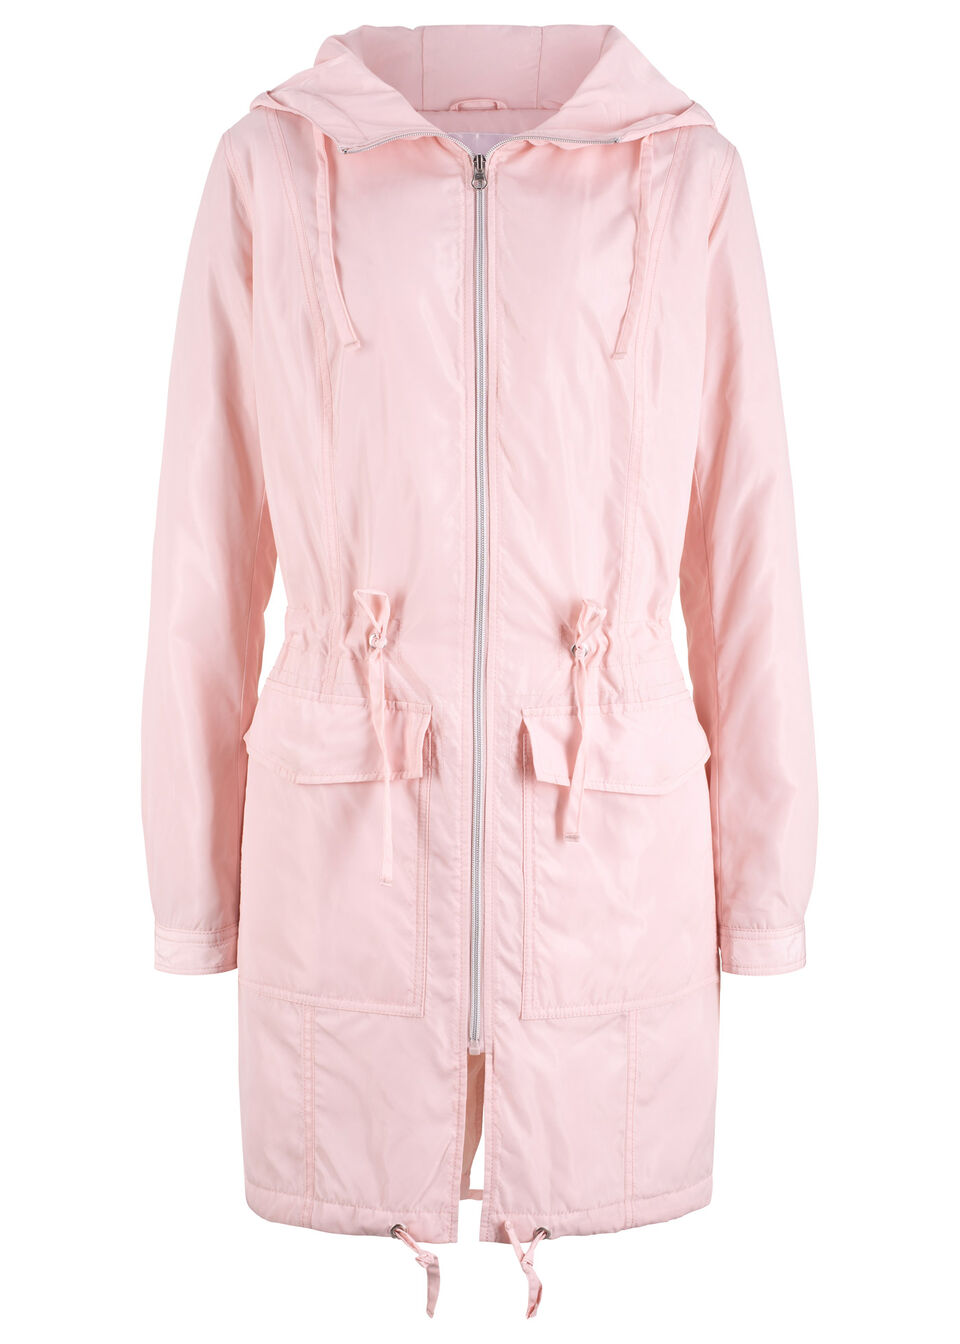 Lekki płaszcz outdoorowy z kapturem bonprix pastelowy jasnoróżowy